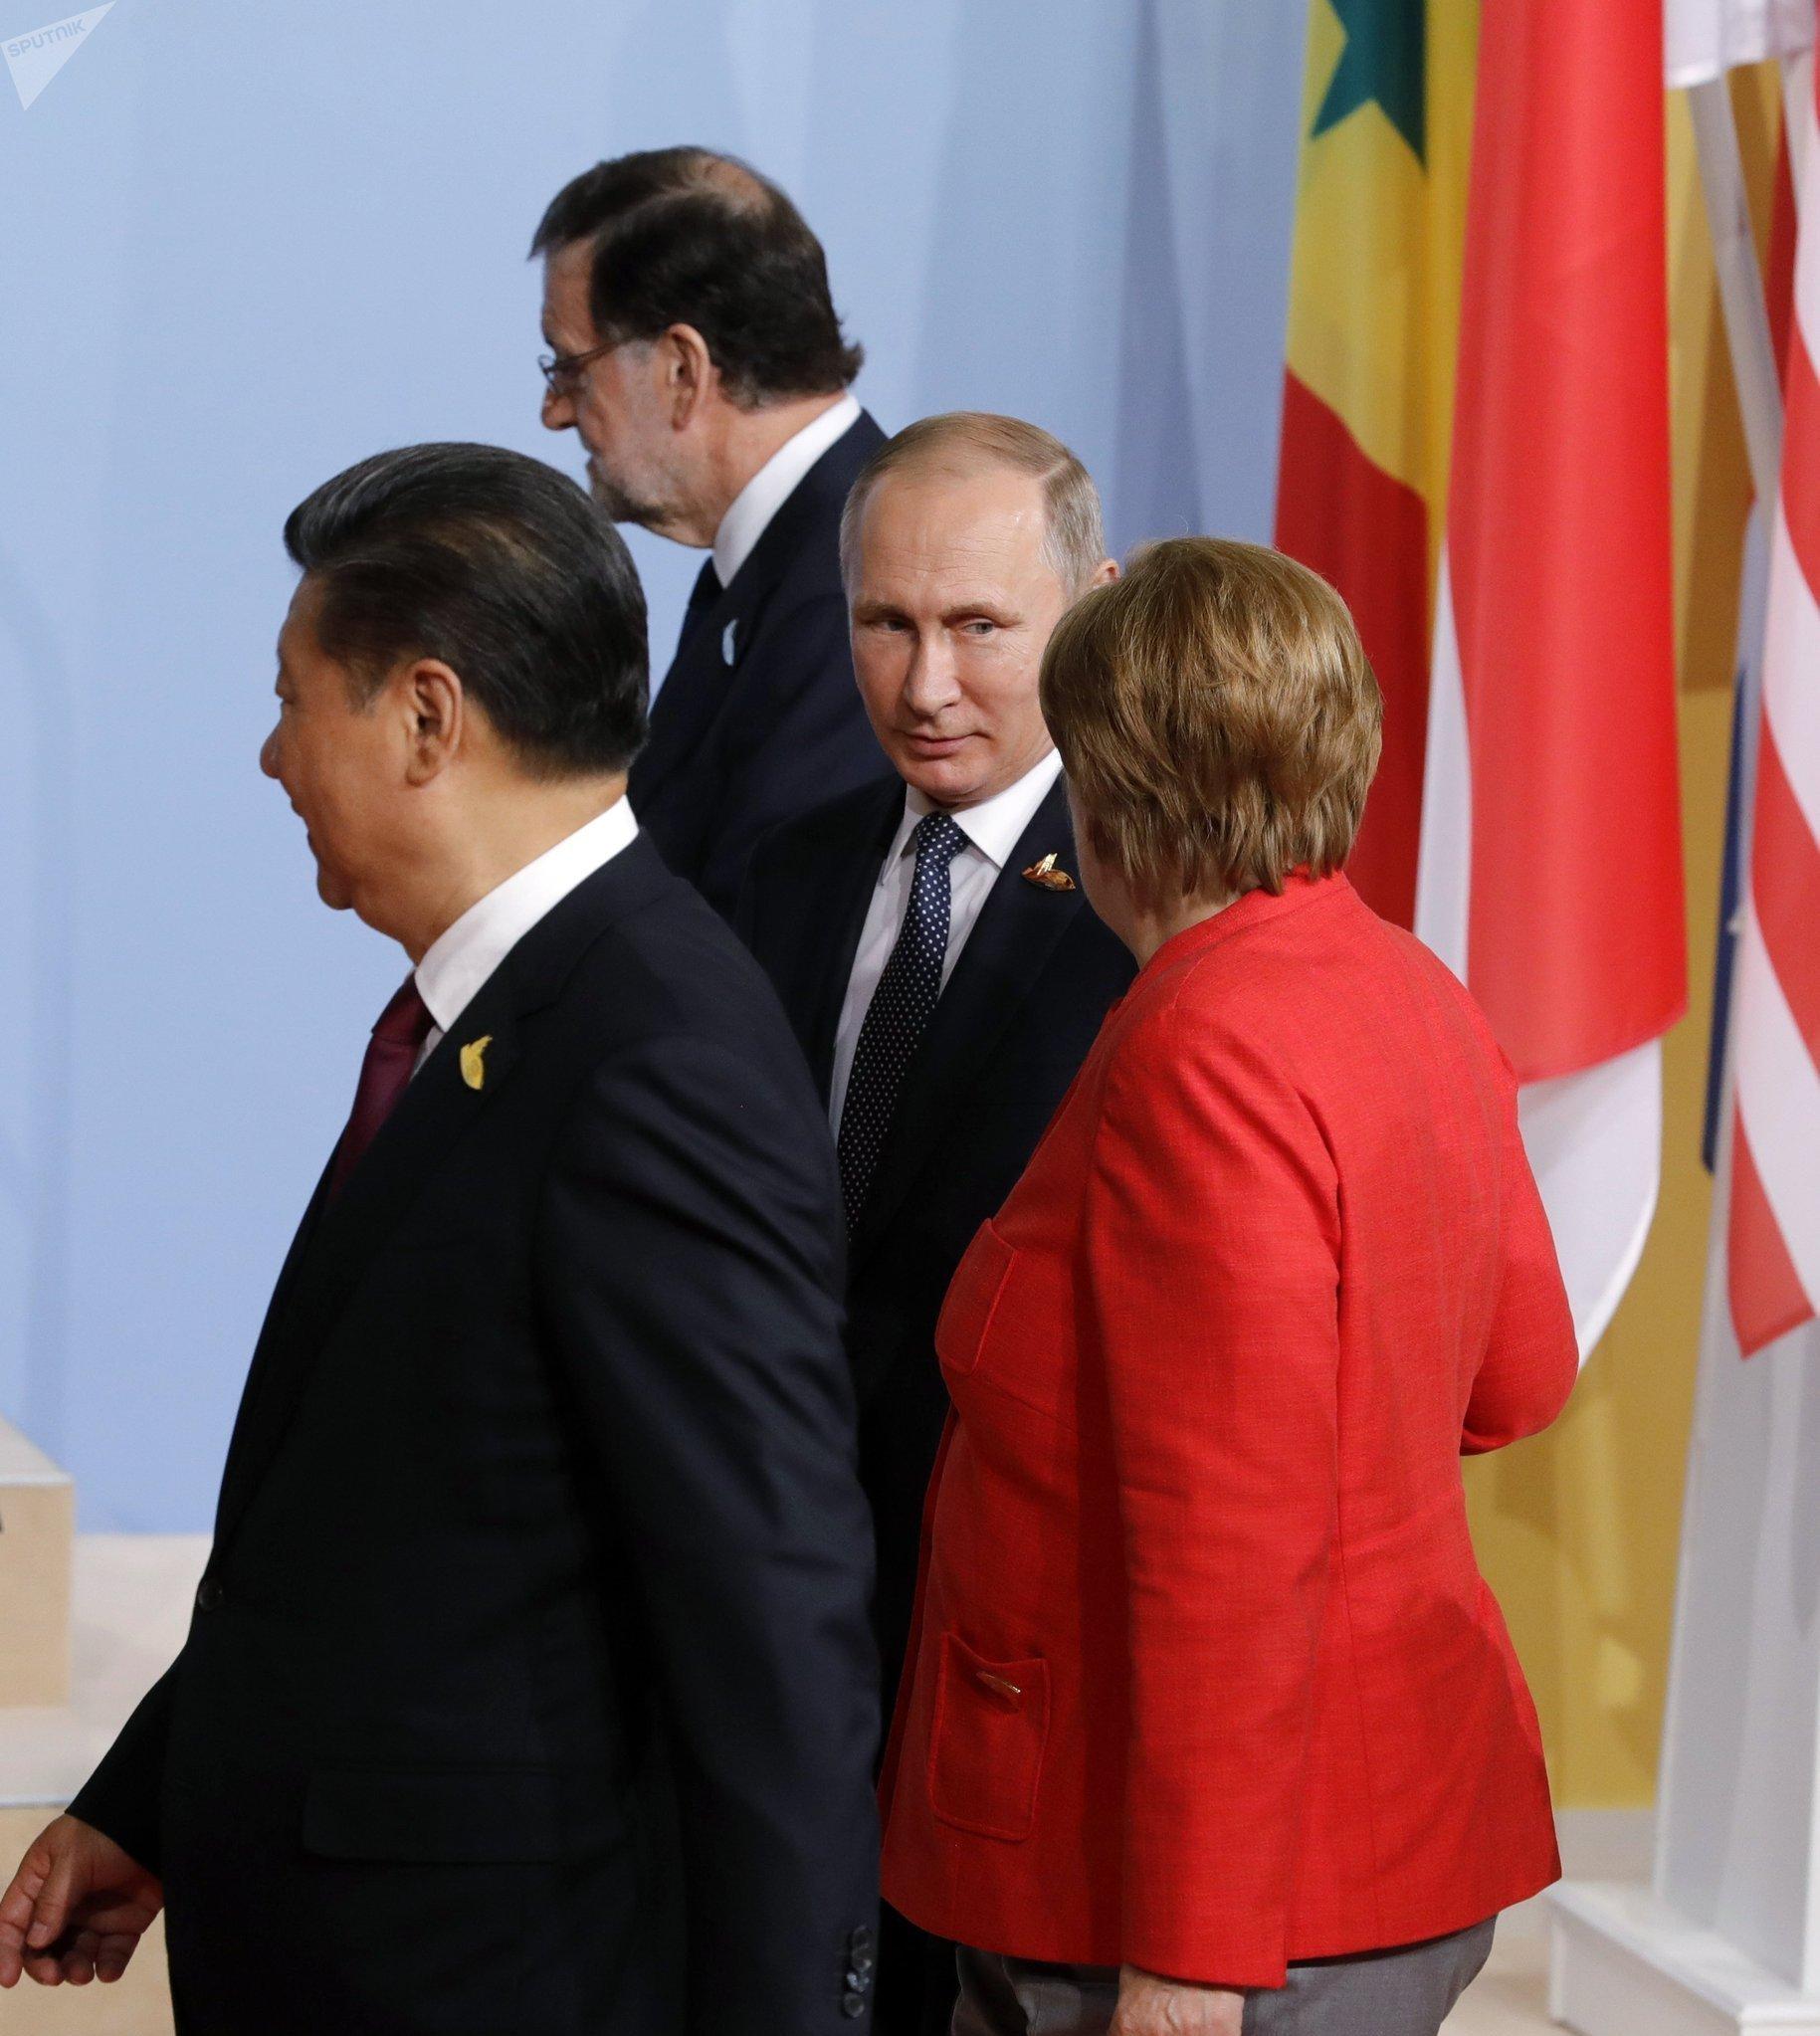 Президент РФ Владимир Путин на церемонии совместного фотографирования глав делегаций государств-участников Группы двадцати G20